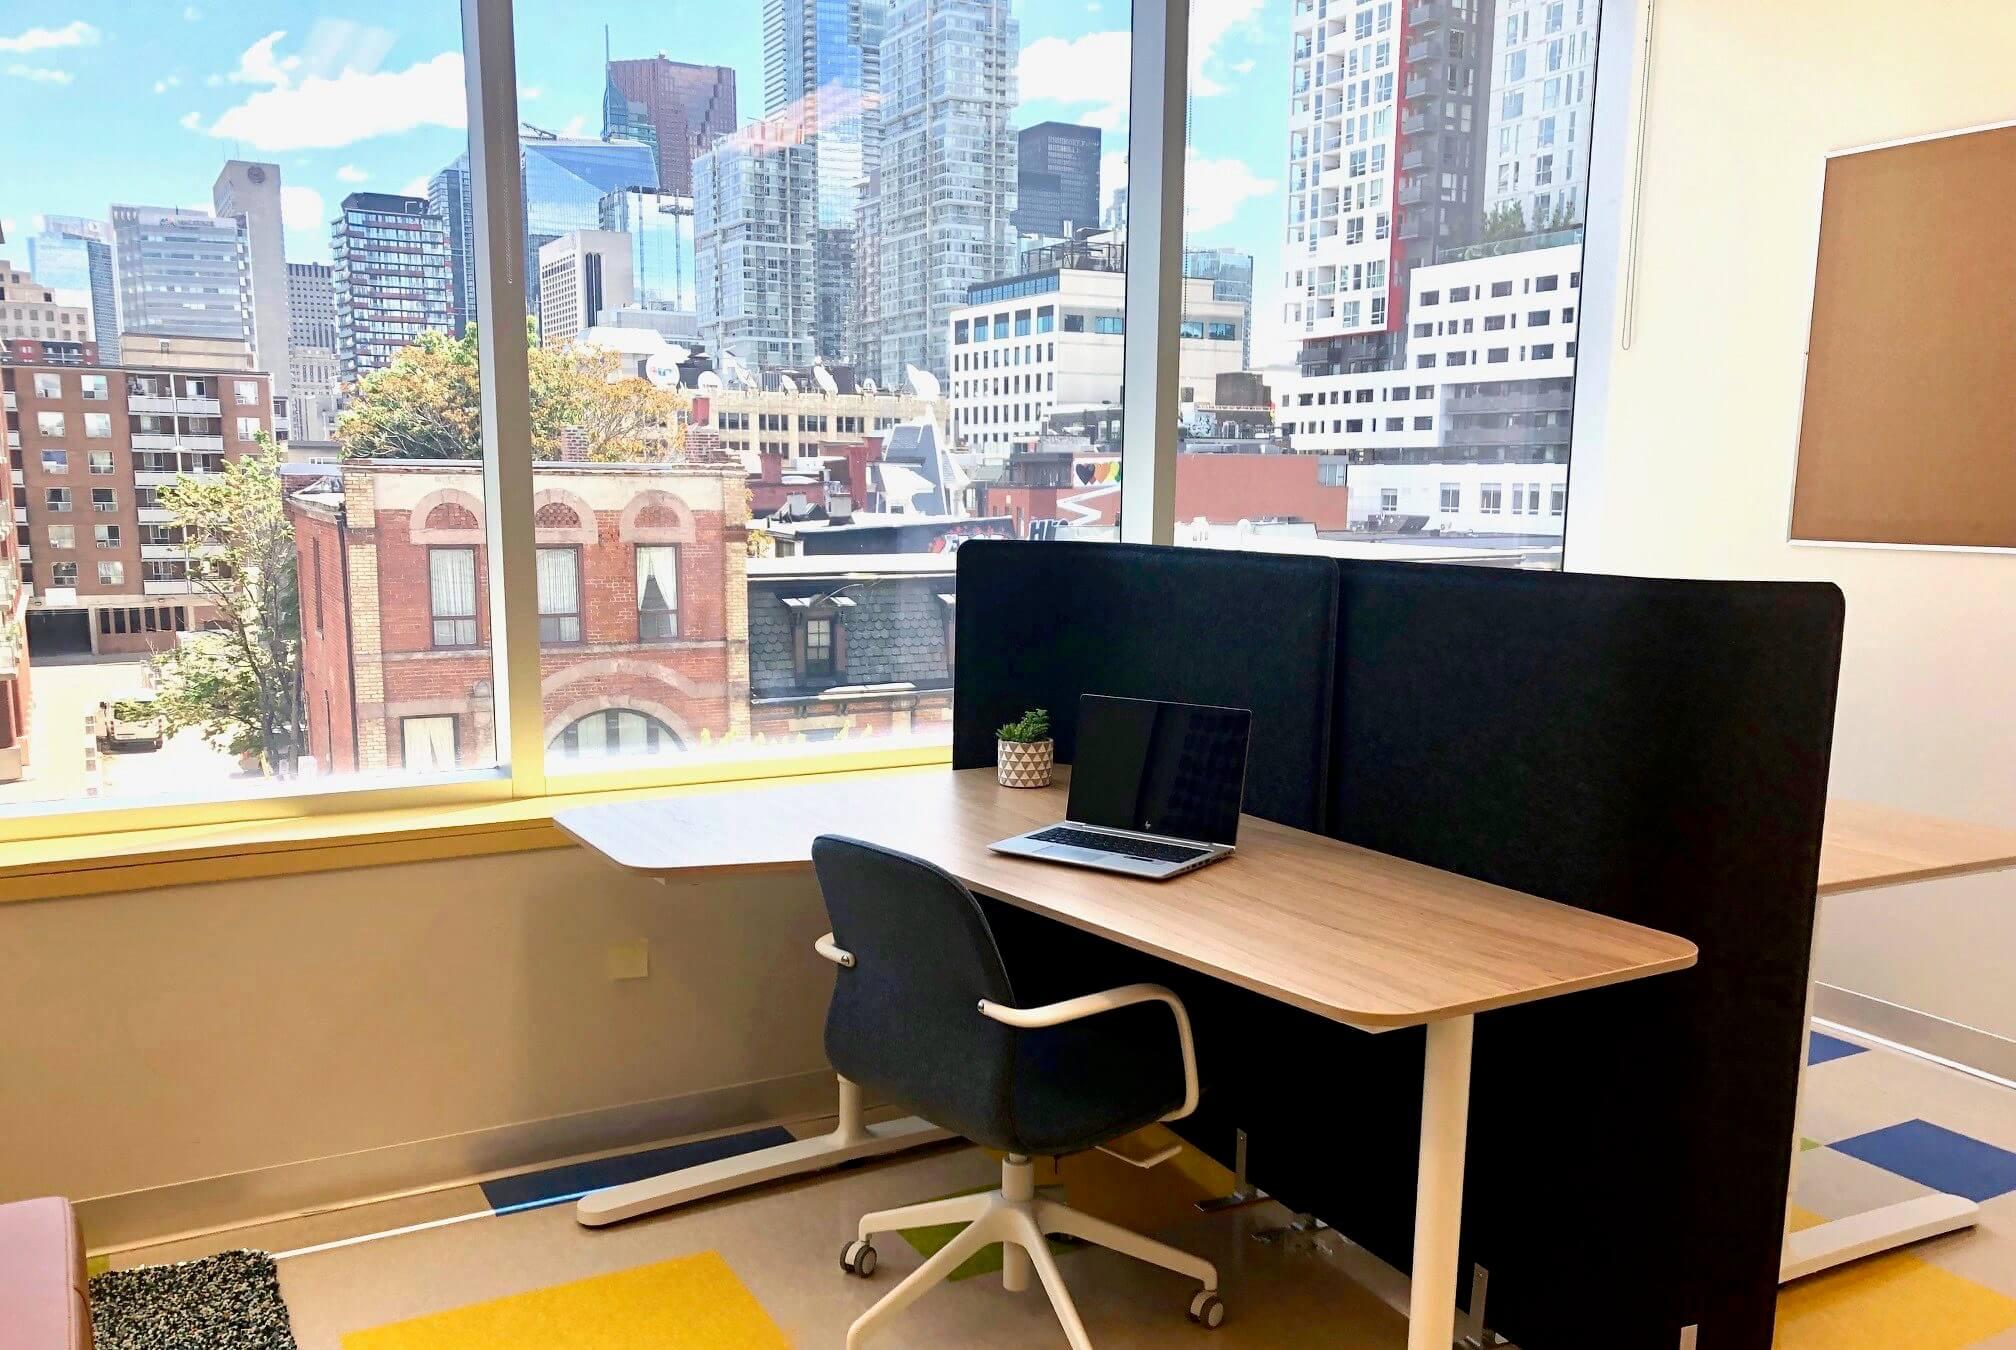 Coworking space in Toronto Queen Street West